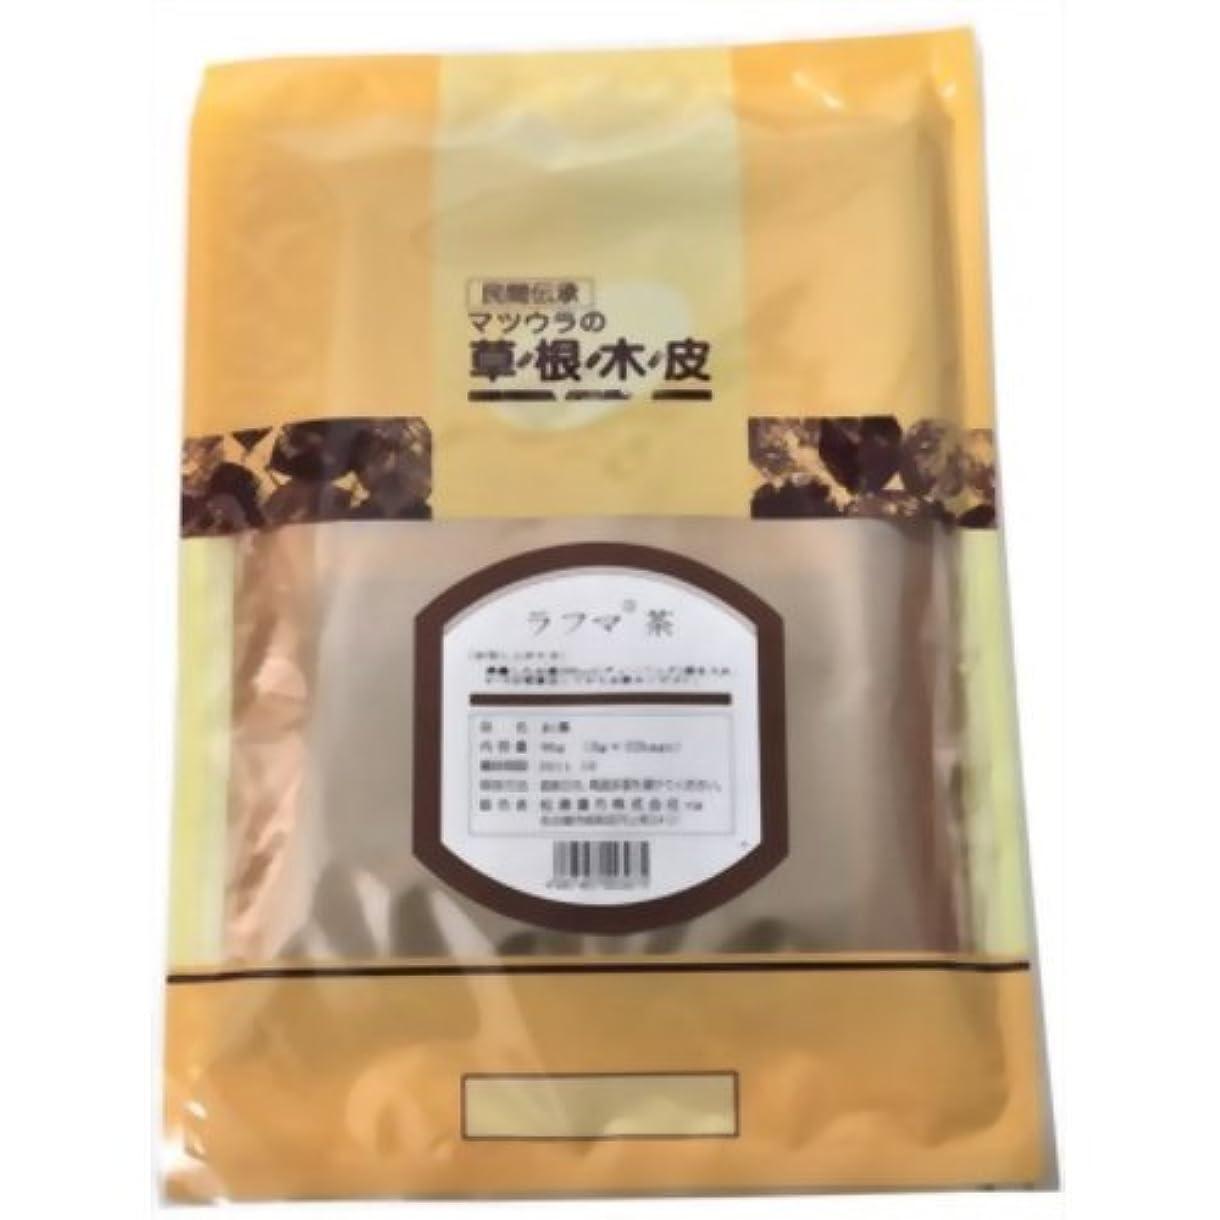 硬さソース深くラフマ茶 3gx32袋